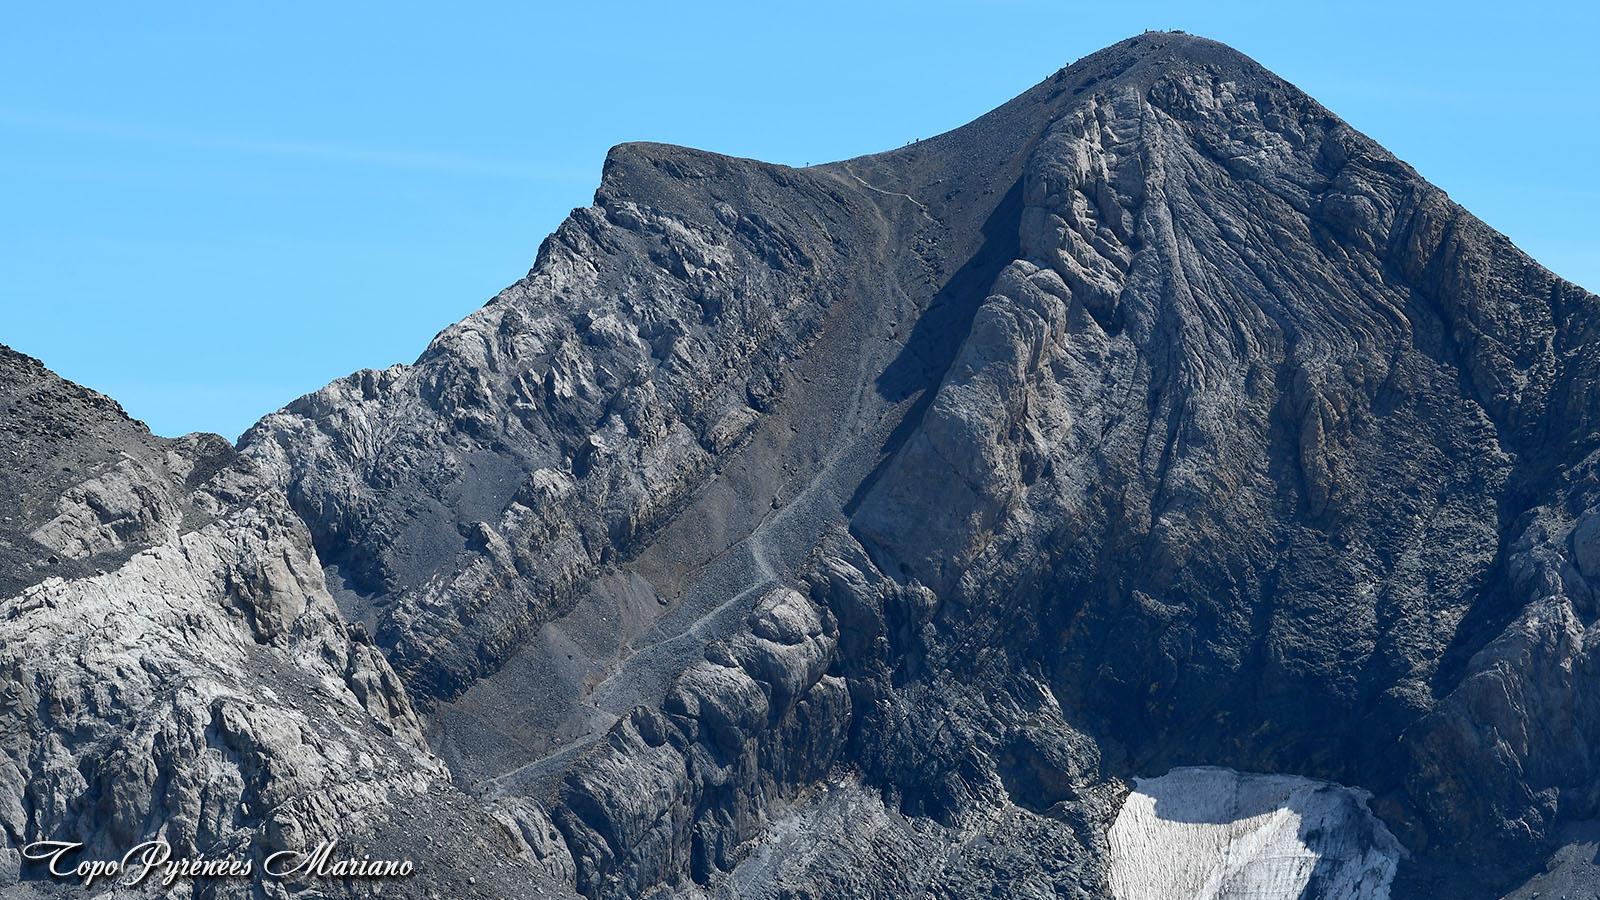 Randonnée au Mont Perdu (Monte Perdido) 3355m depuis le col des Tentes